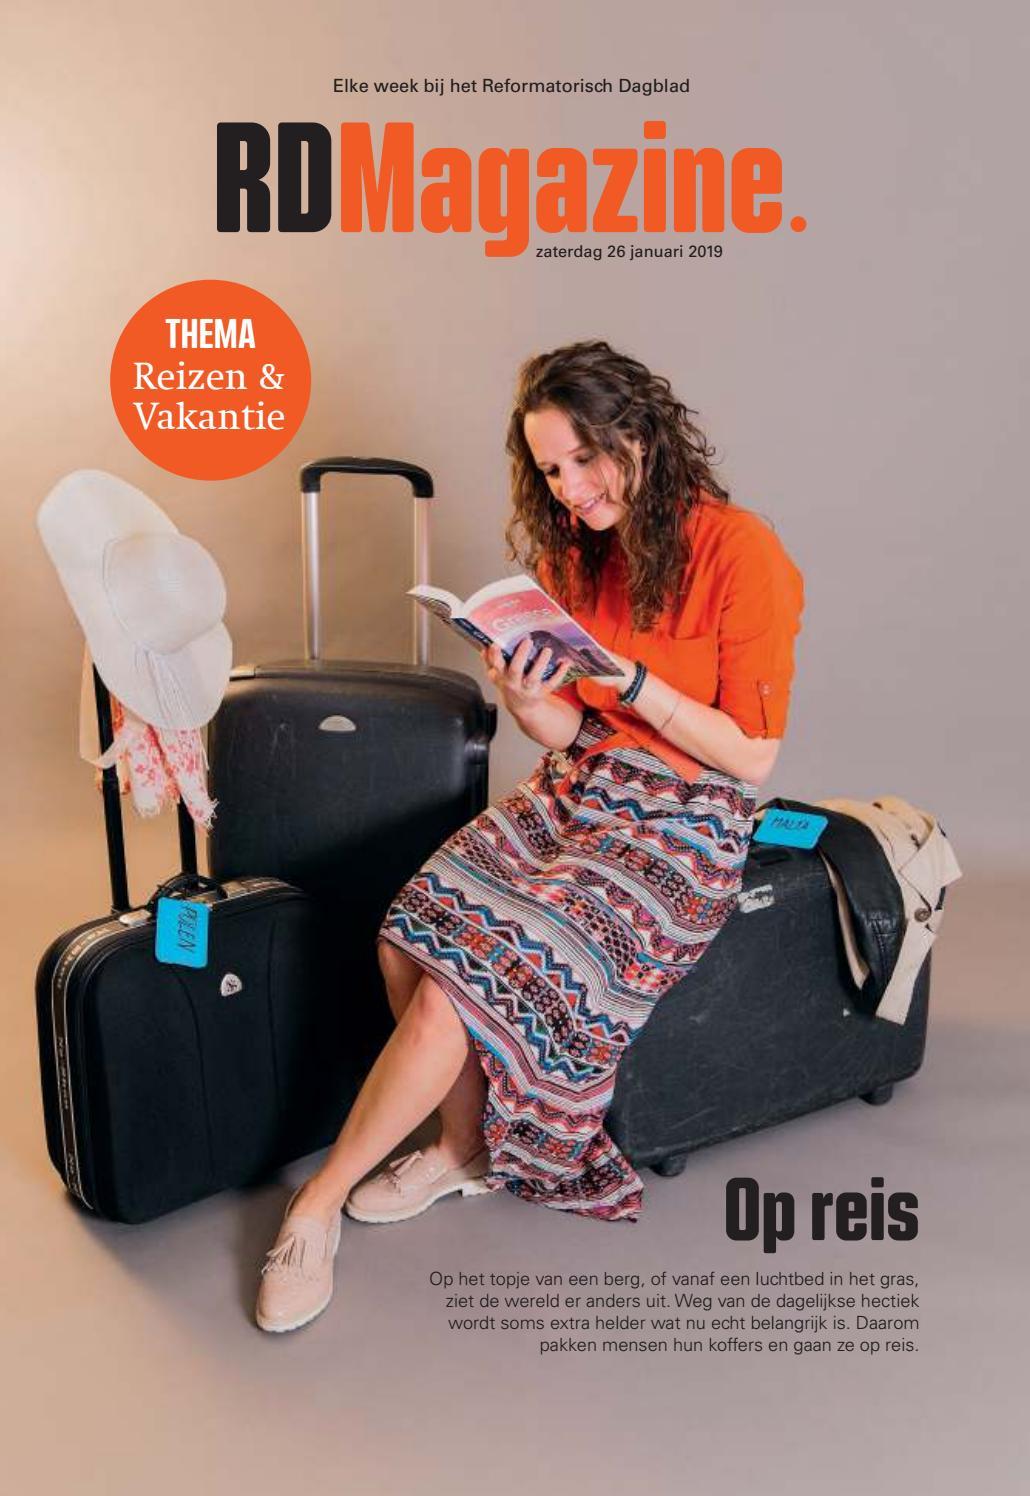 Hangstoel Standaard Marktplaats.Rd Magazine 26 Januari 2019 By Erdee Media Groep Issuu